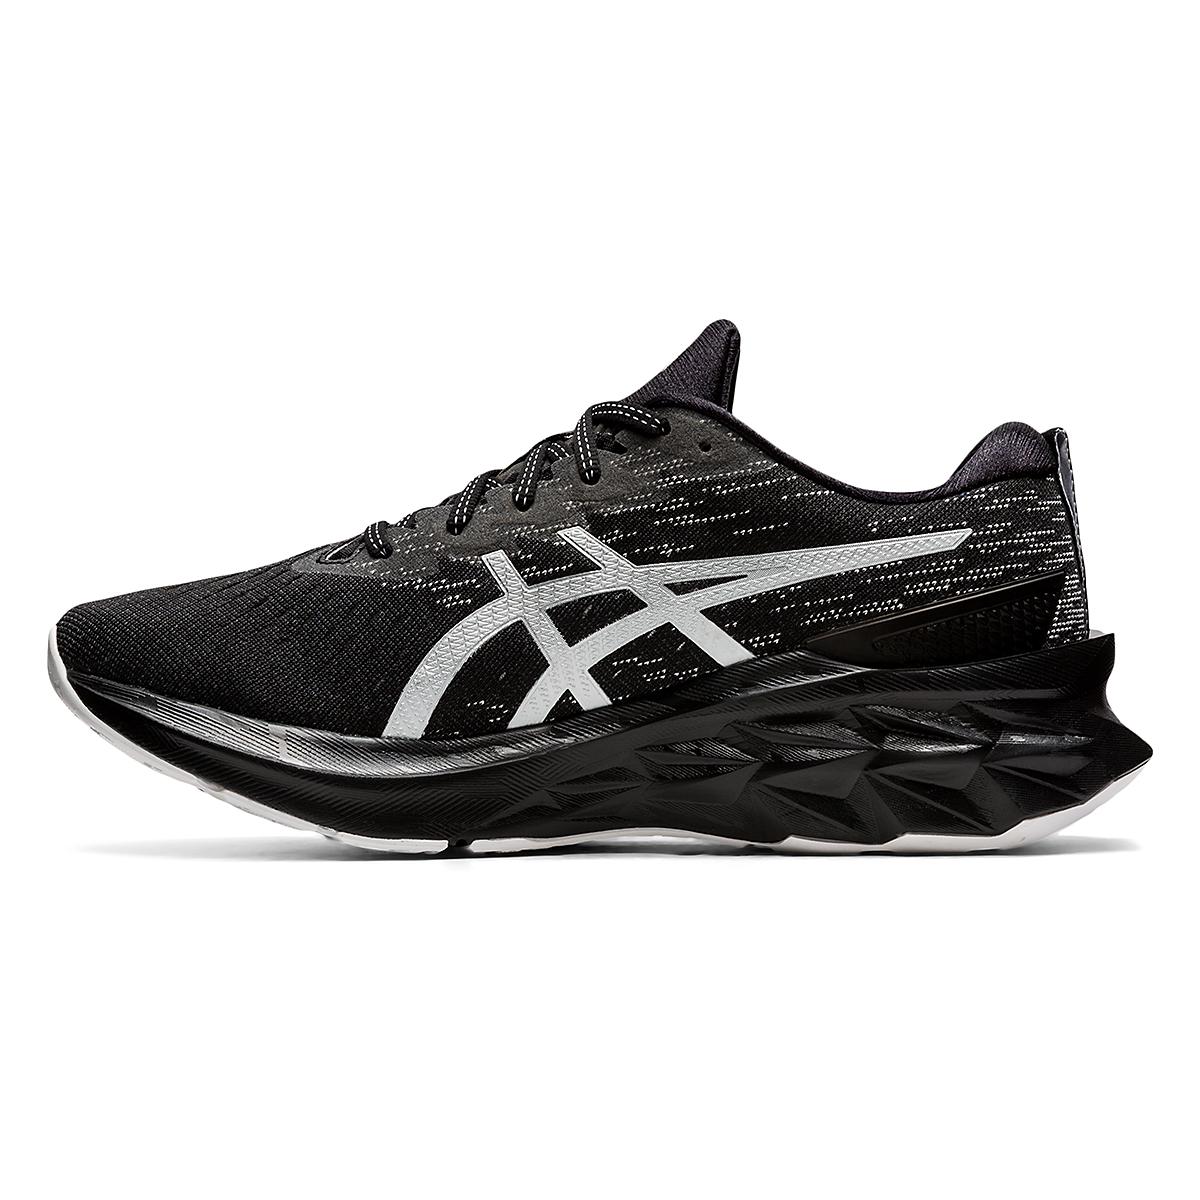 Men's Asics Novablast 2 Running Shoe - Color: Black/Pure Silver - Size: 6 - Width: Regular, Black/Pure Silver, large, image 2